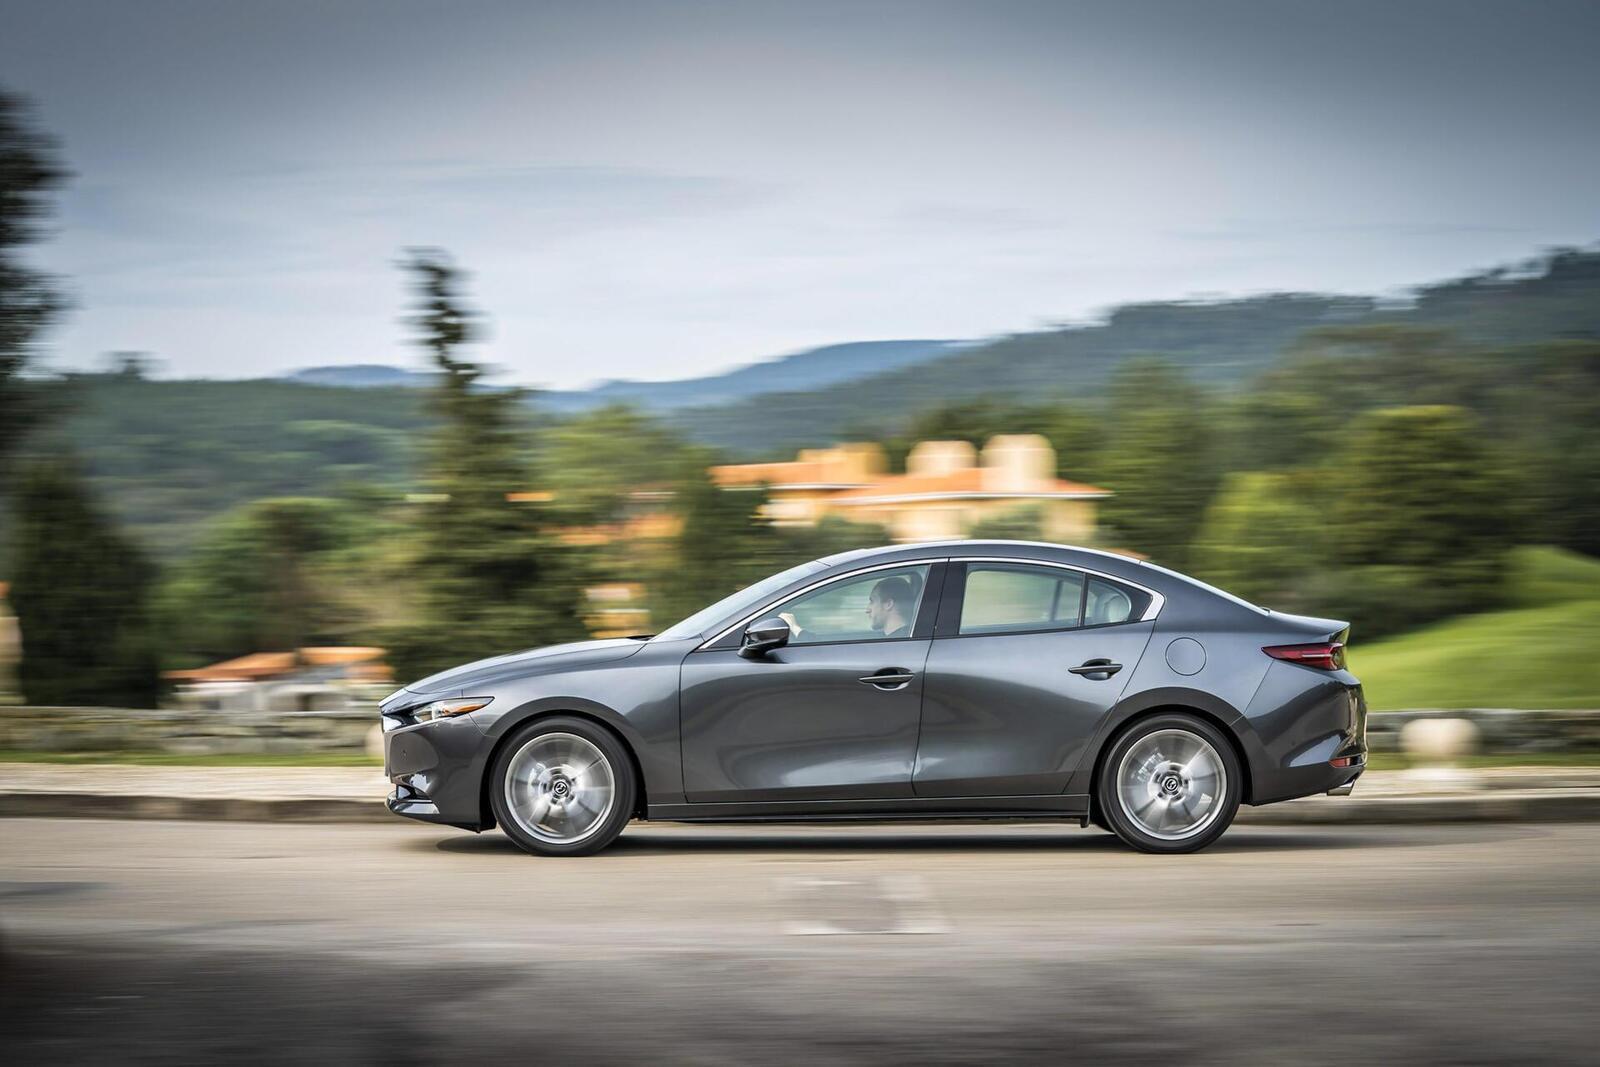 Mazda3 thế hệ mới chốt lịch ra mắt tại Malaysia vào tháng sau; giá dự kiến từ 764 triệu đồng - Hình 14